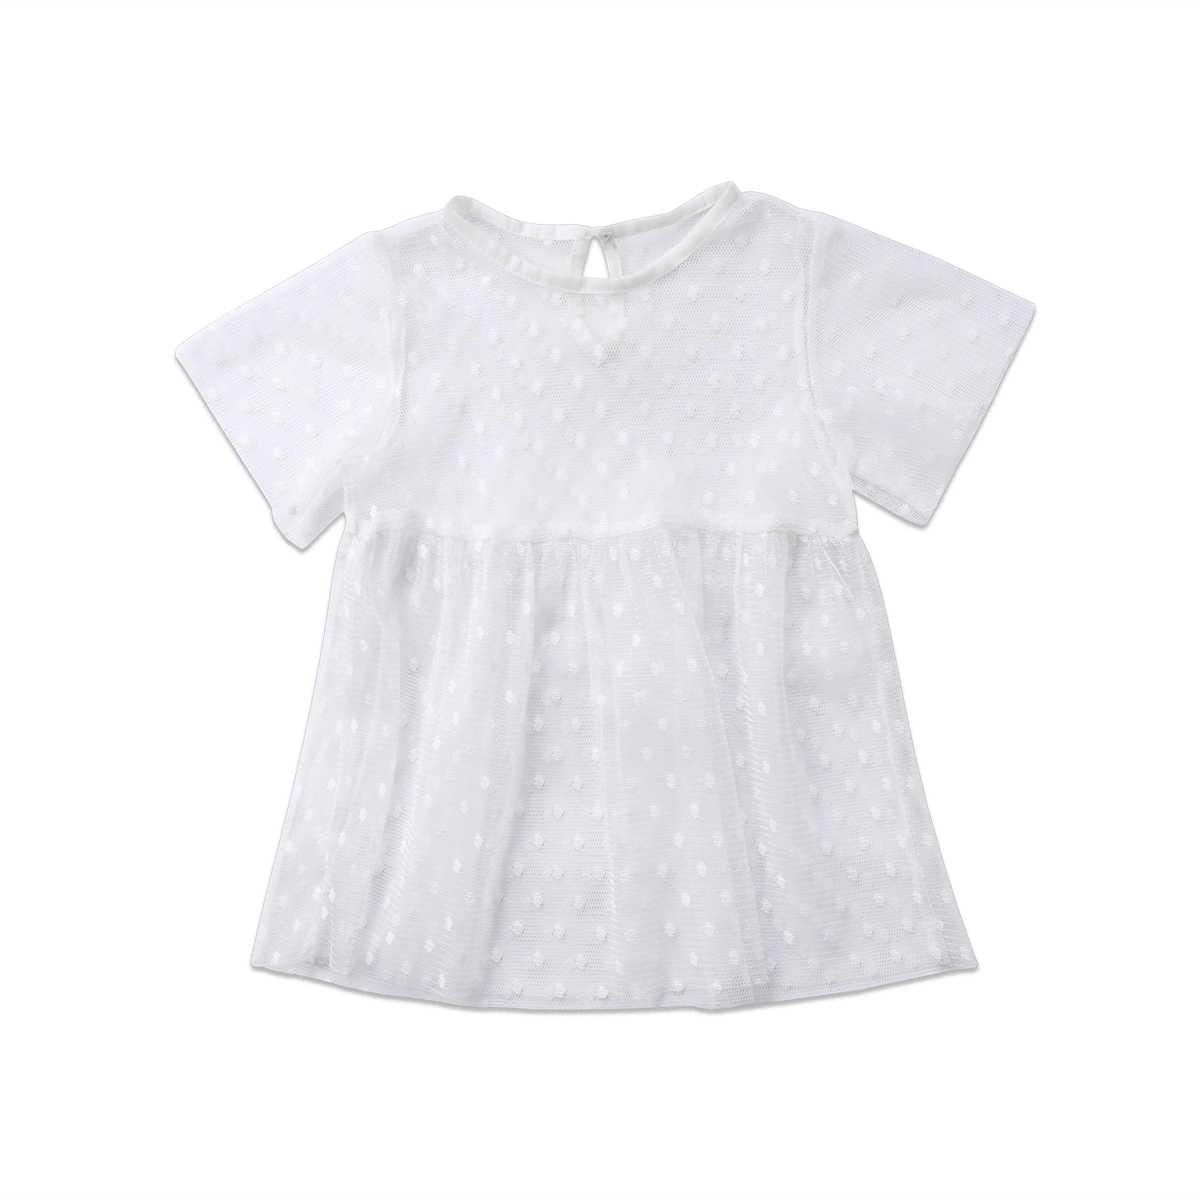 לפעוטות קיד שמלות בגדי תינוקות בנות חולצות שרוול טול טוטו תינוקת בגדי תלבושות שמלת מיני